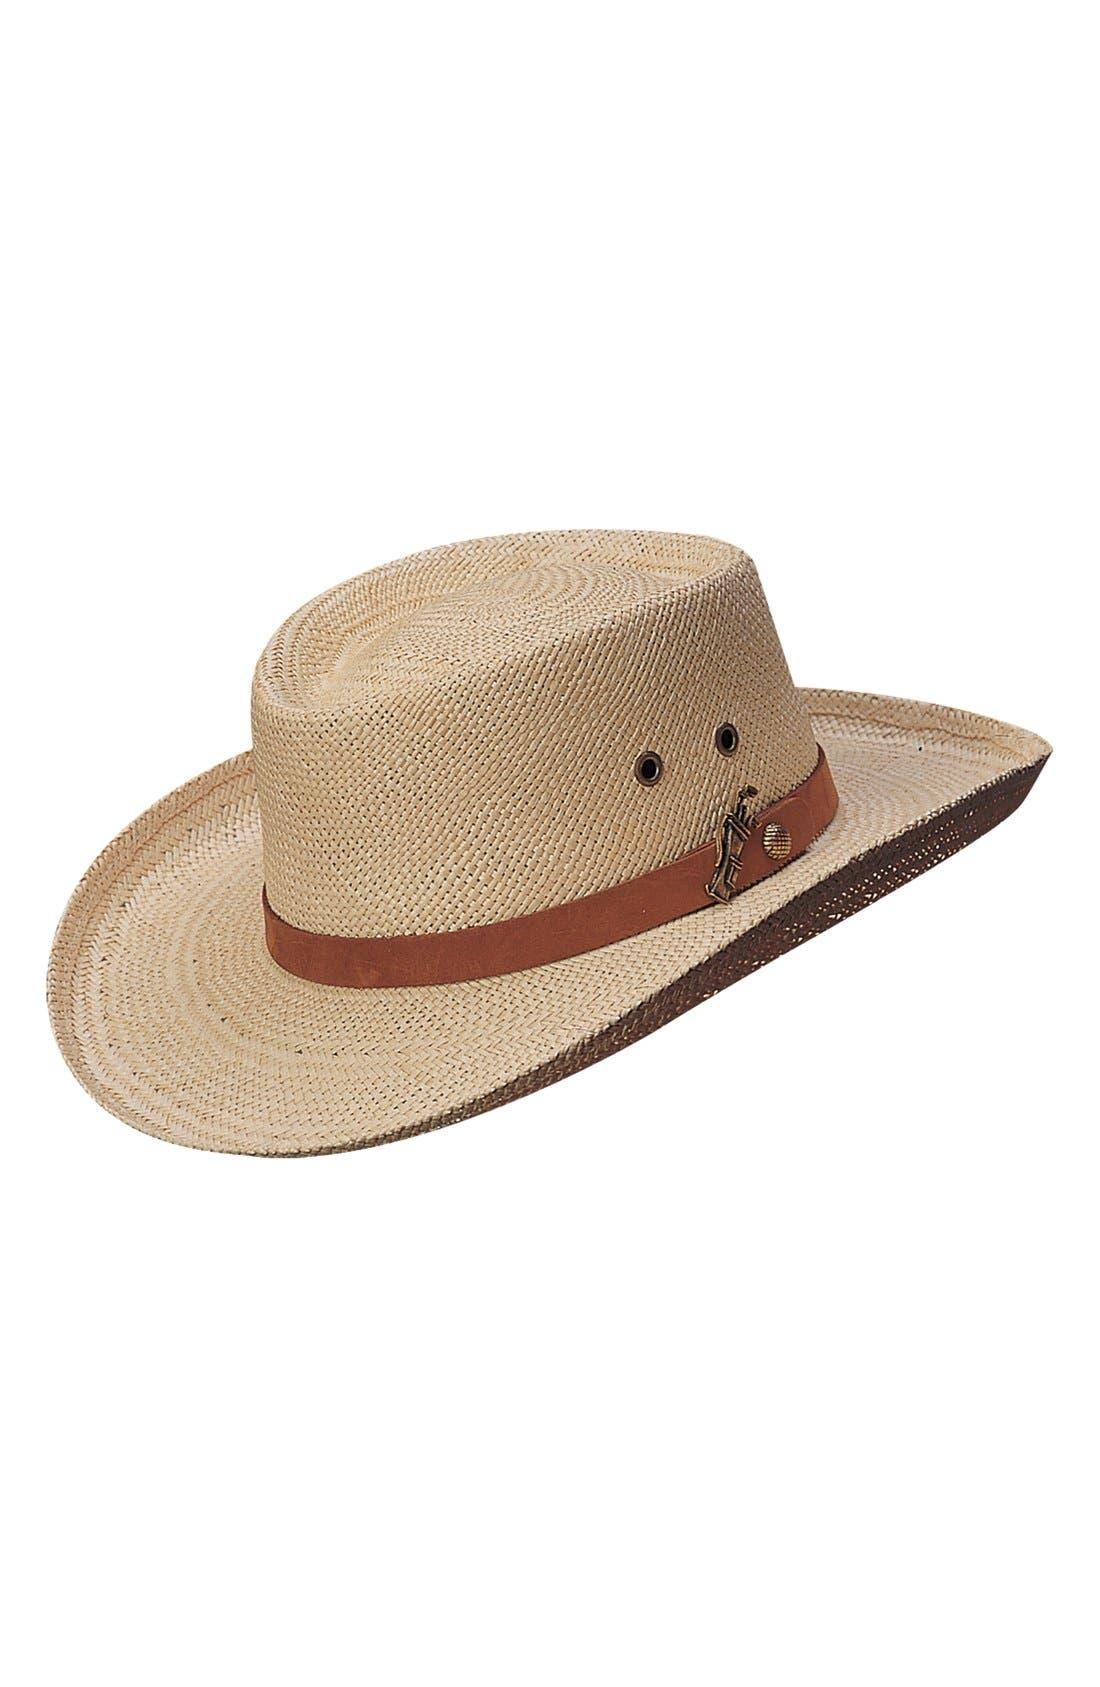 Palm Gambler Hat,                         Main,                         color,